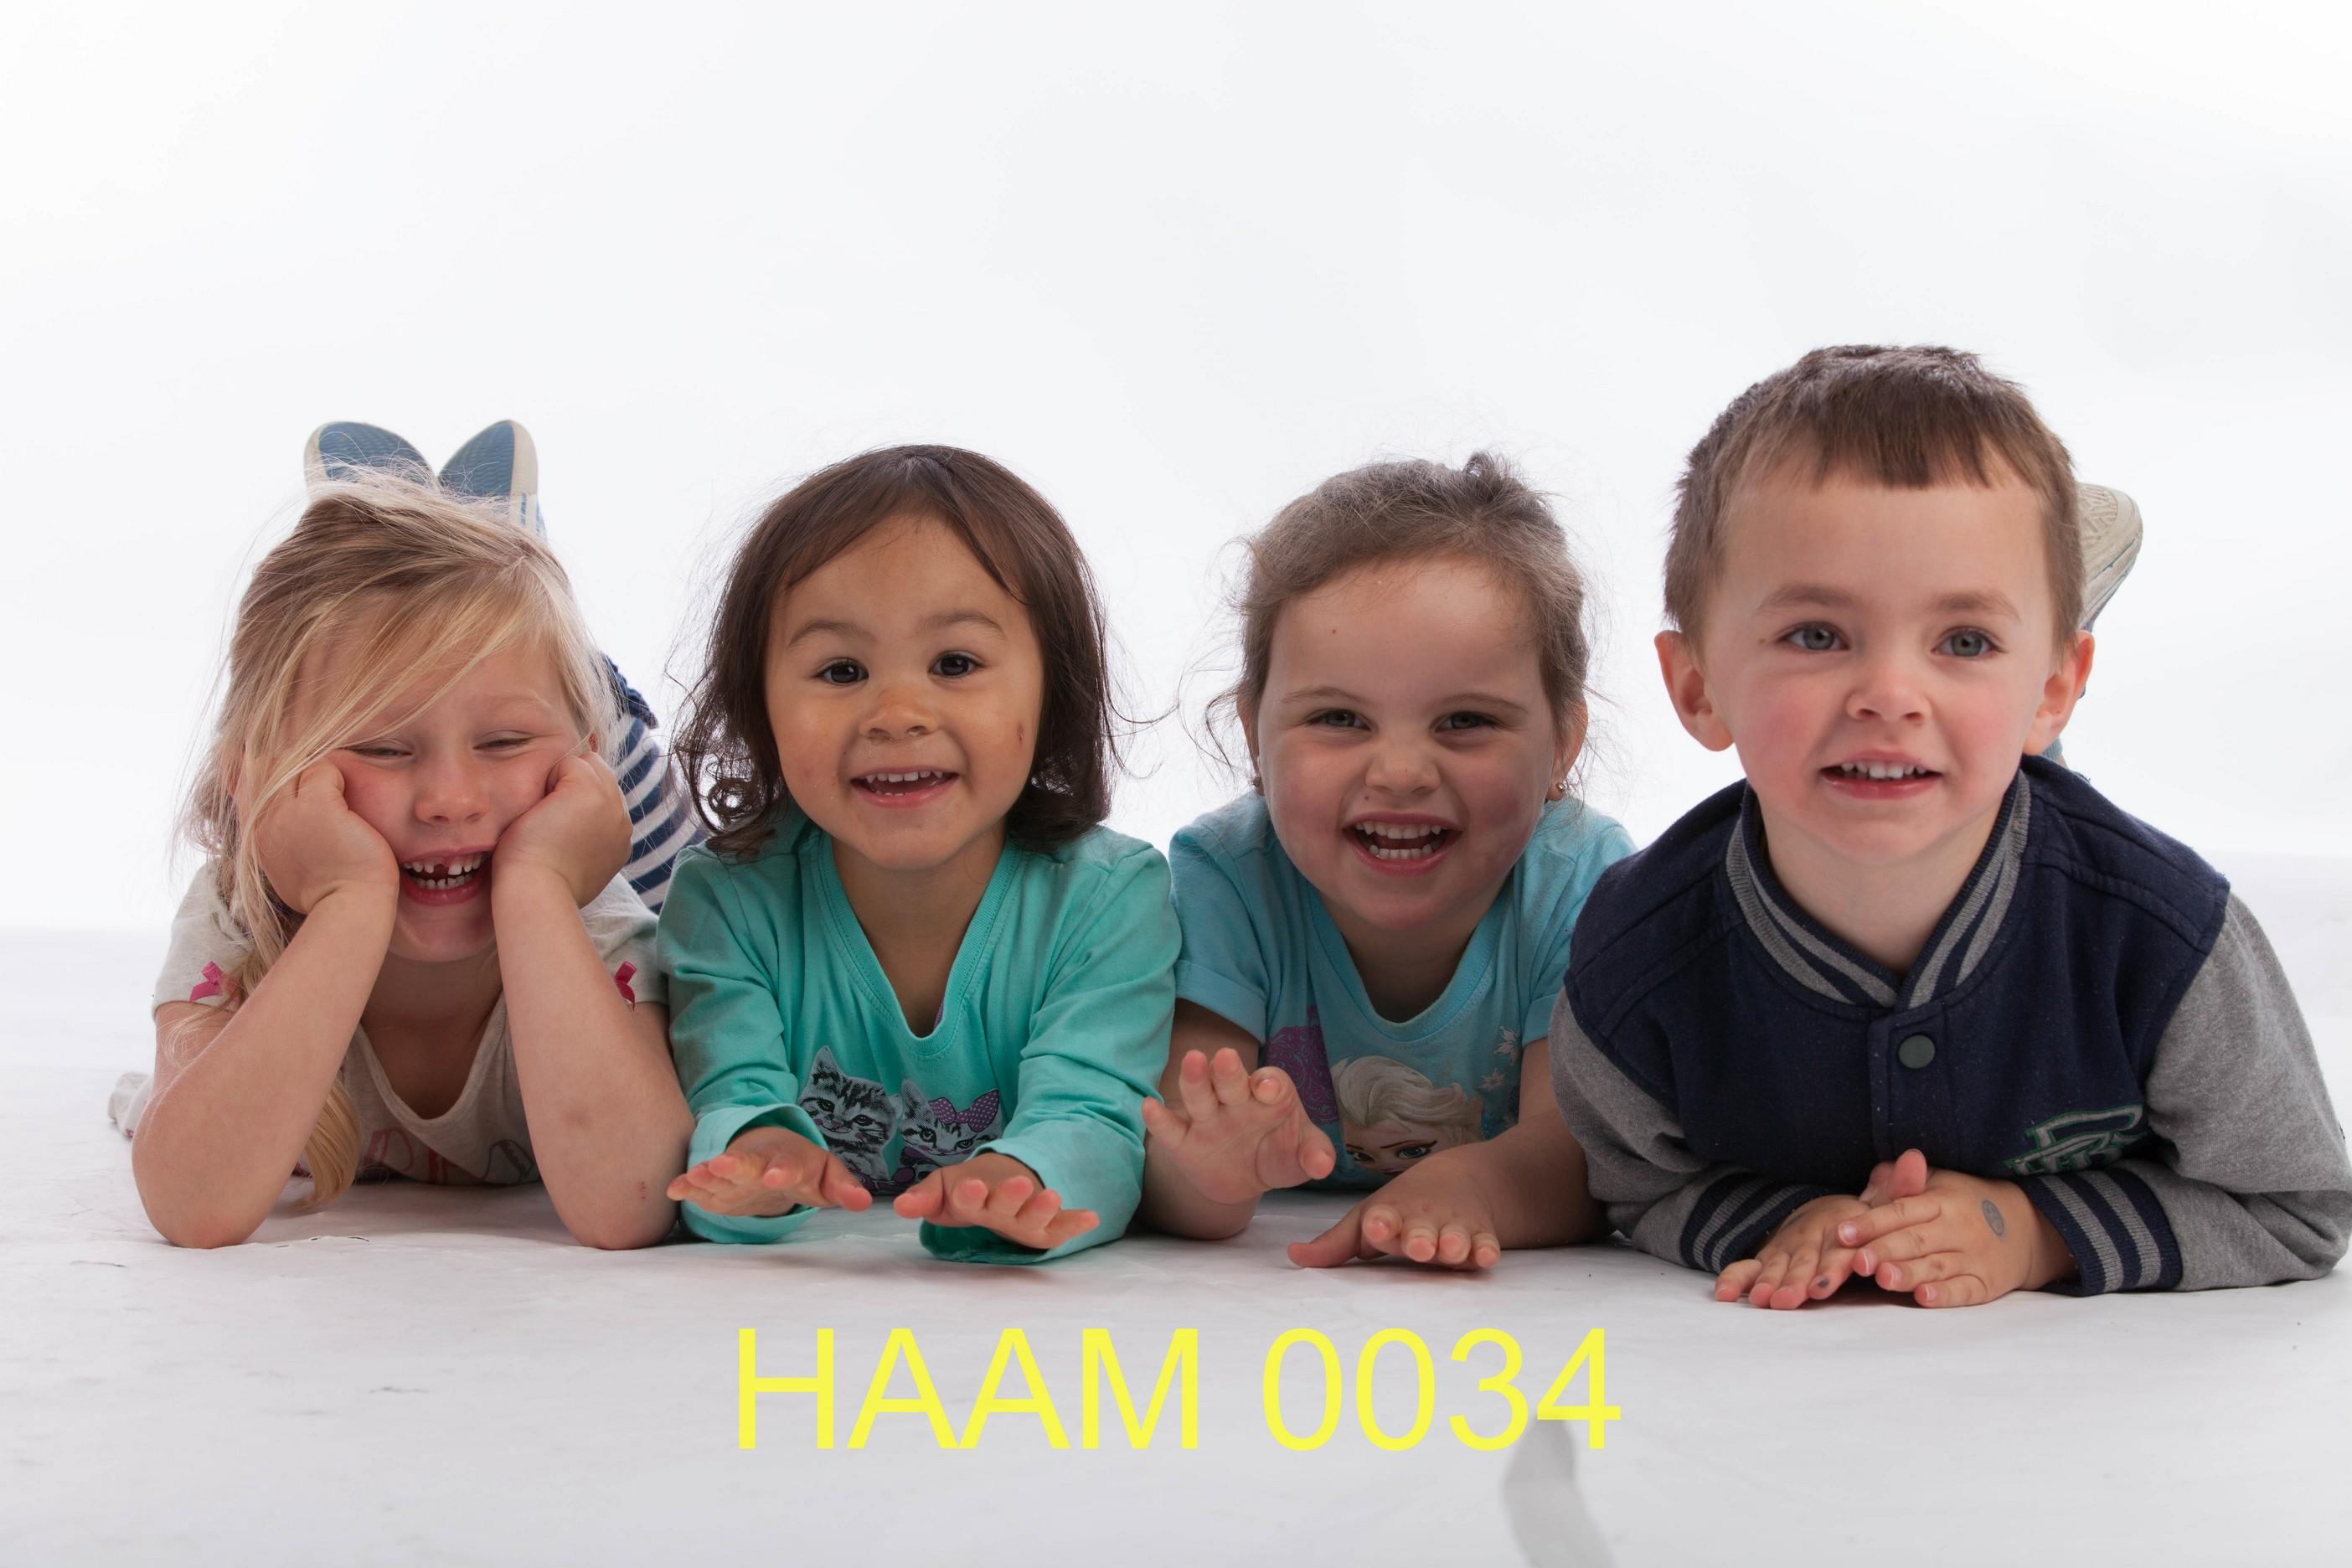 HAAM 0034